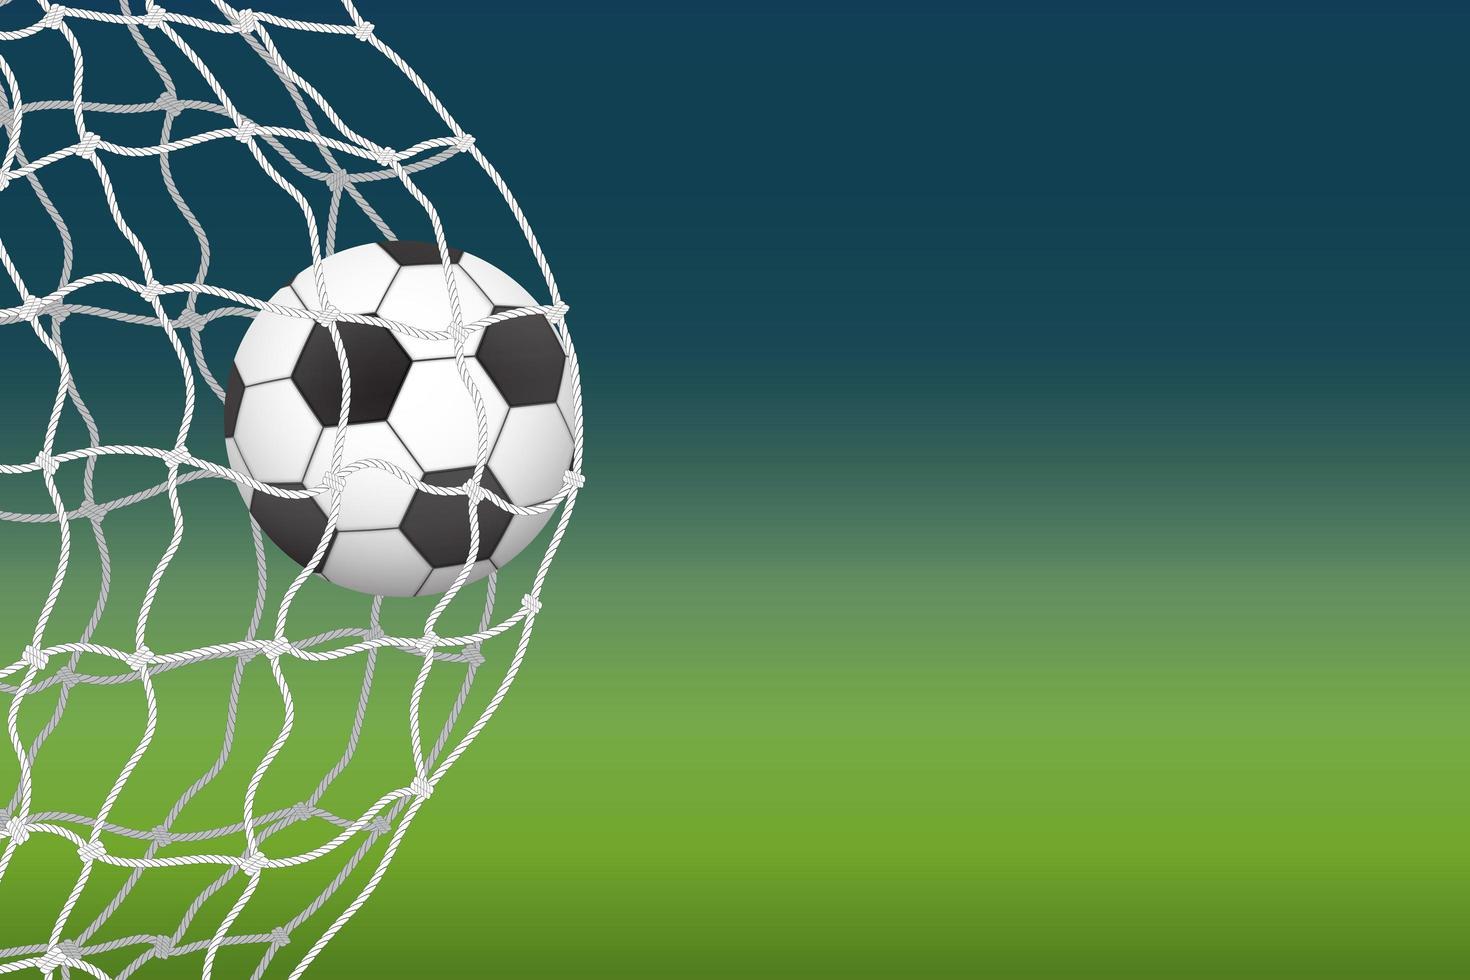 balón de fútbol entrando gol anotado vector